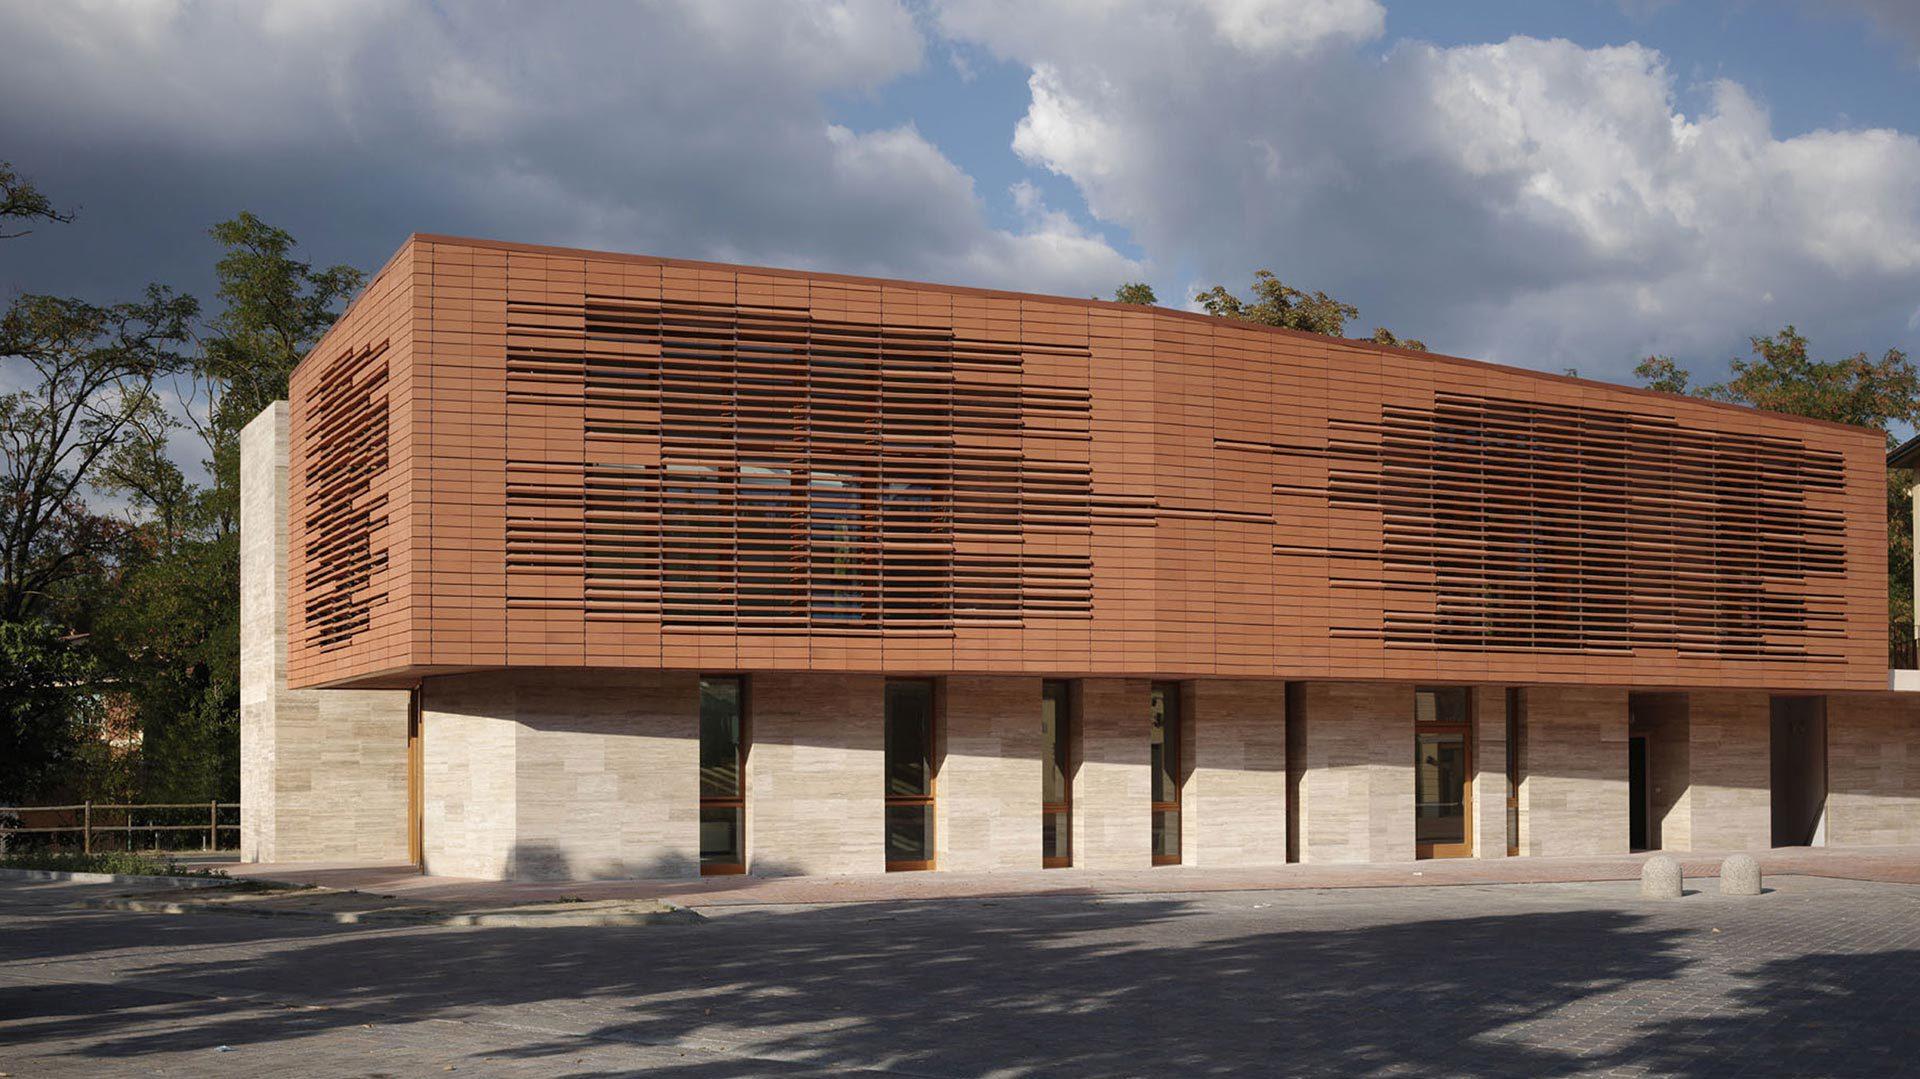 Facciate Ventilate In Cotto Biblioteca Greve In Chianti